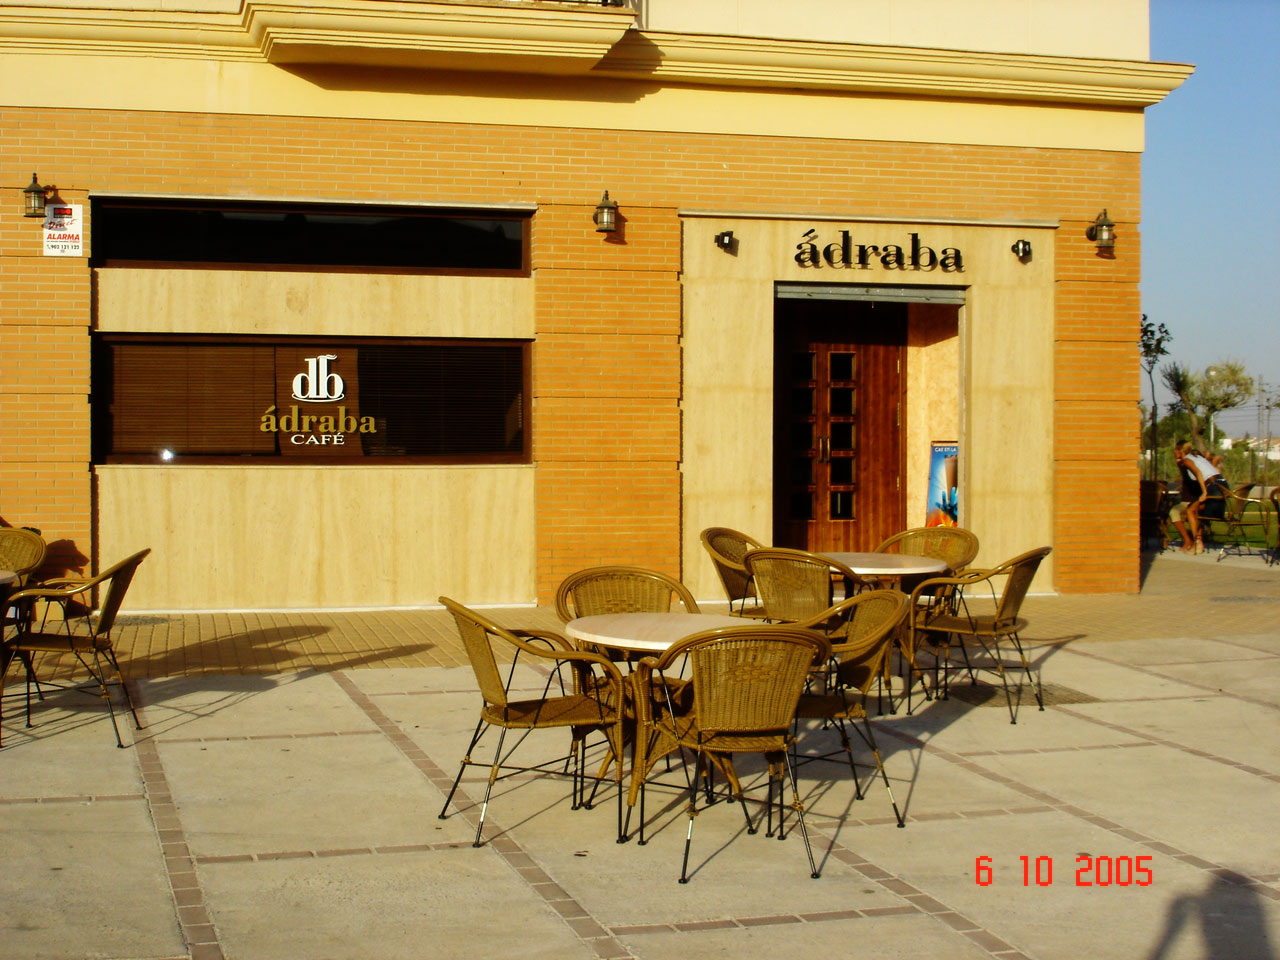 K2Ingenieros Ingeniería (Hostelería) - Cafetería Ádraba